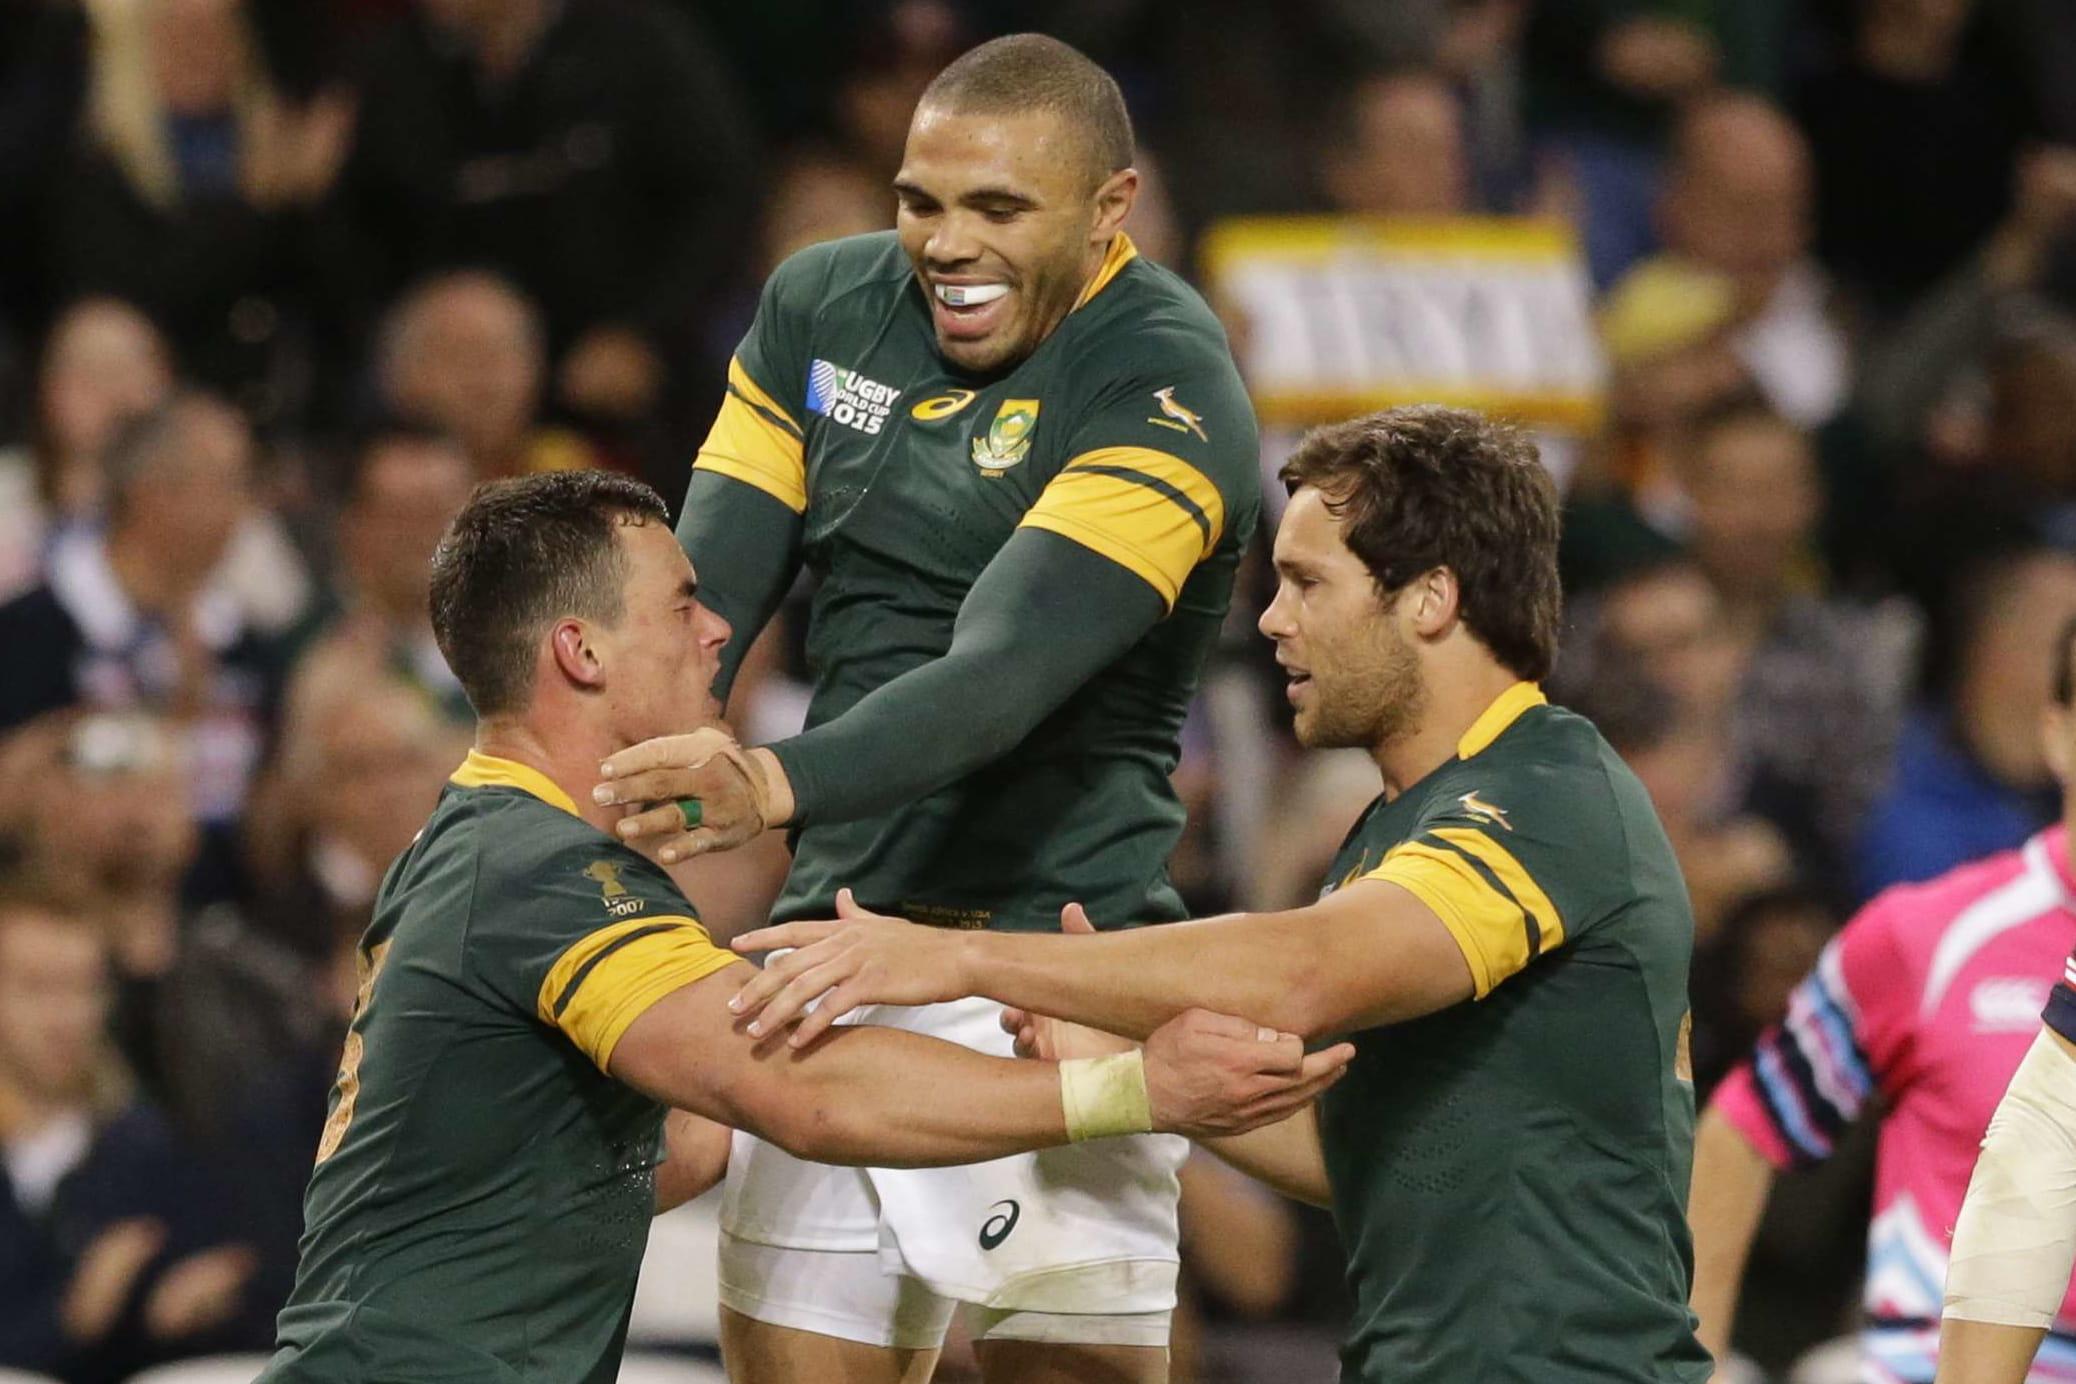 Coupe du monde de rugby 2015 calendrier r sultats et - Calendrier de la coupe du monde de rugby 2015 ...